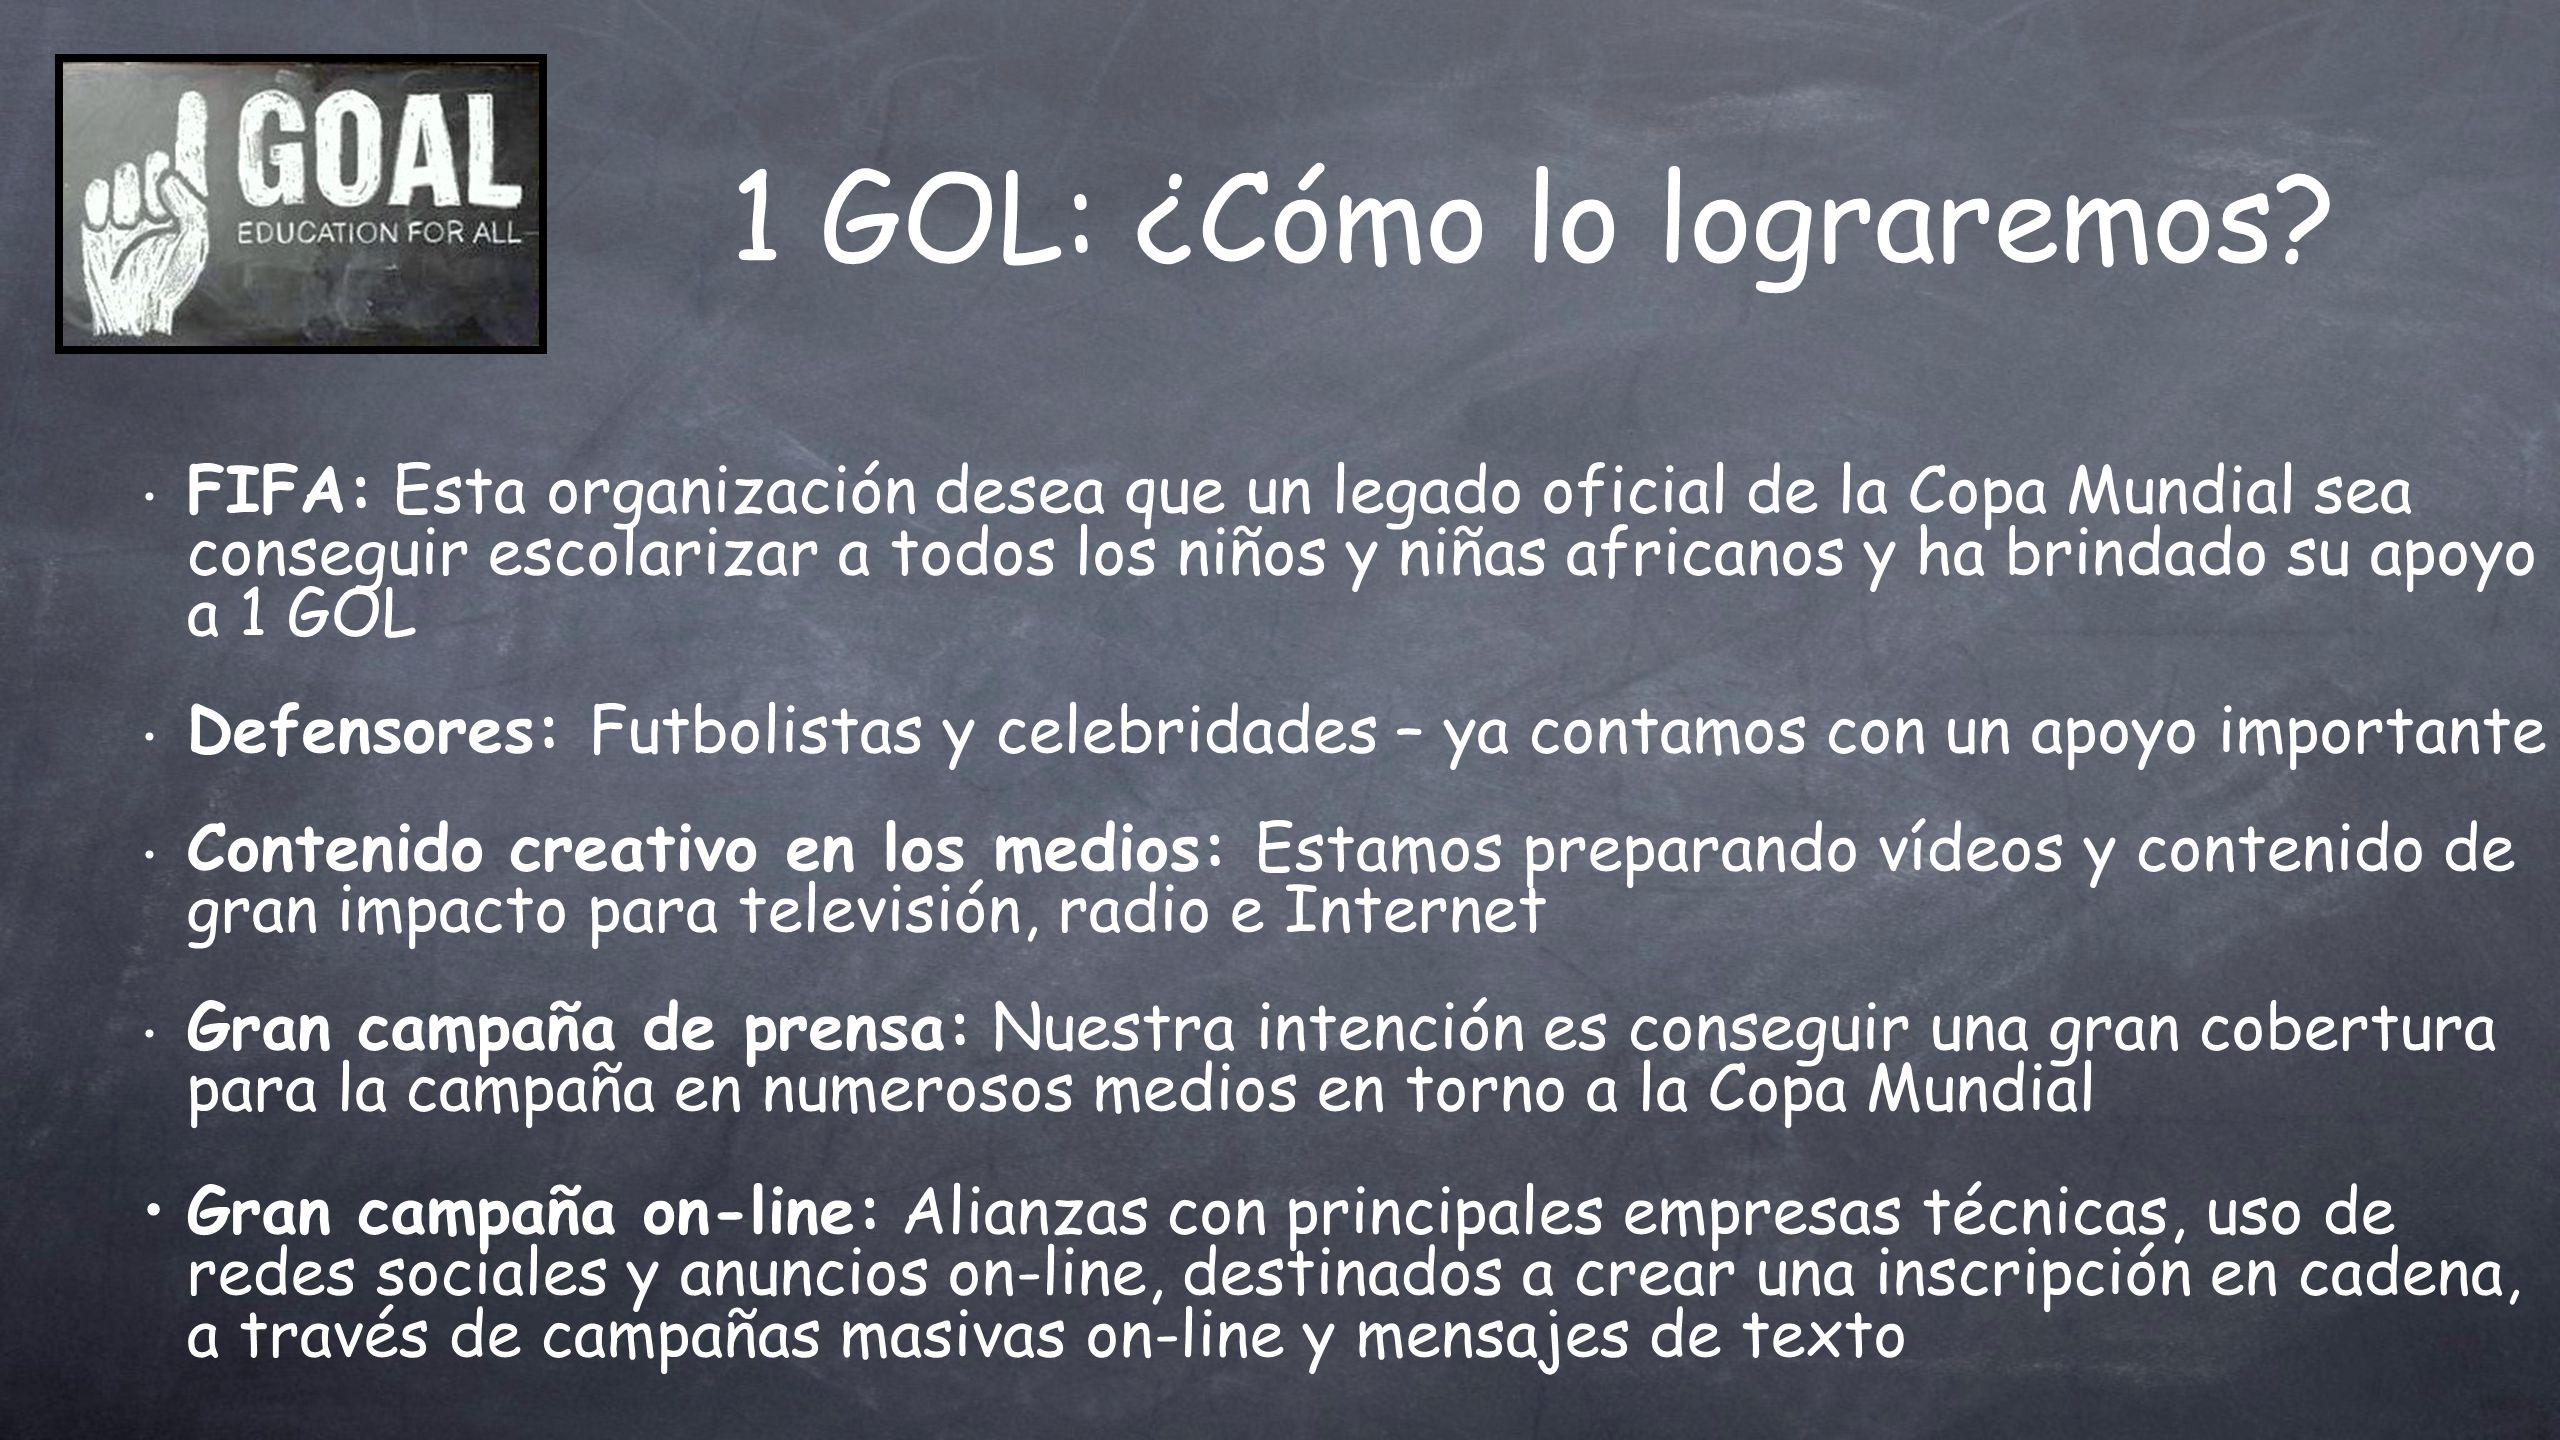 1 GOL: ¿Cómo lo lograremos? FIFA: Esta organización desea que un legado oficial de la Copa Mundial sea conseguir escolarizar a todos los niños y niñas